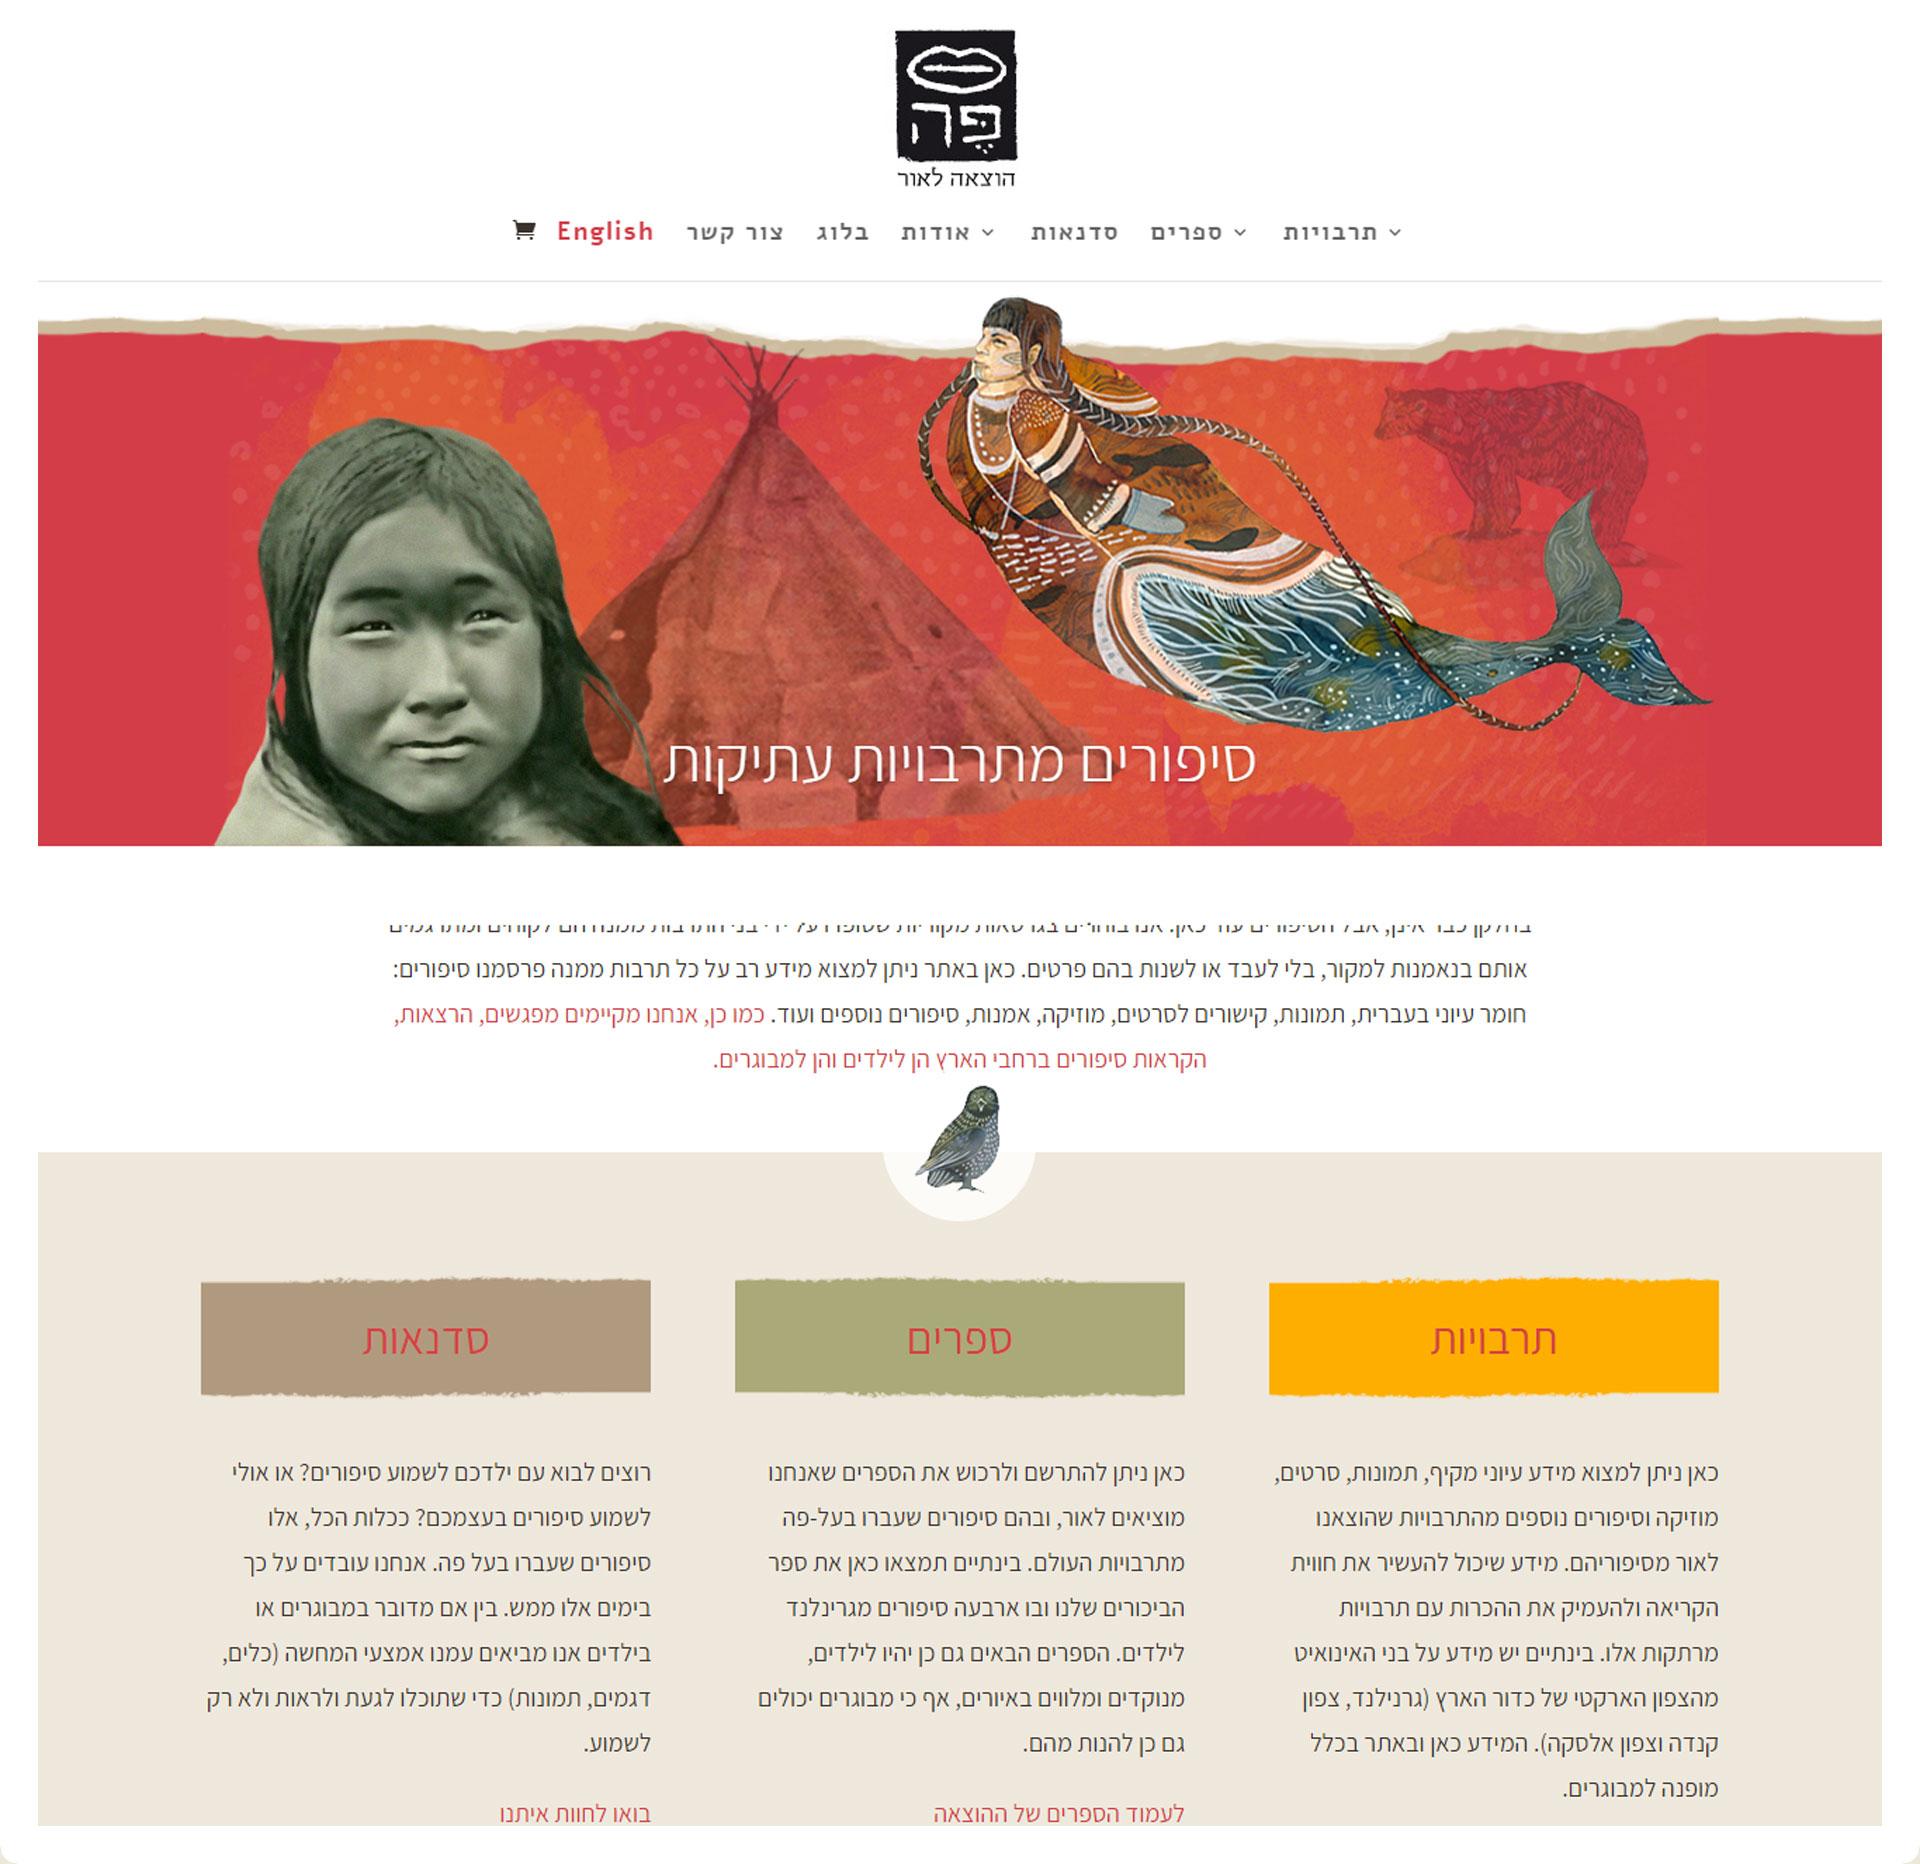 בניית אתרים - פה הוצאה לאור